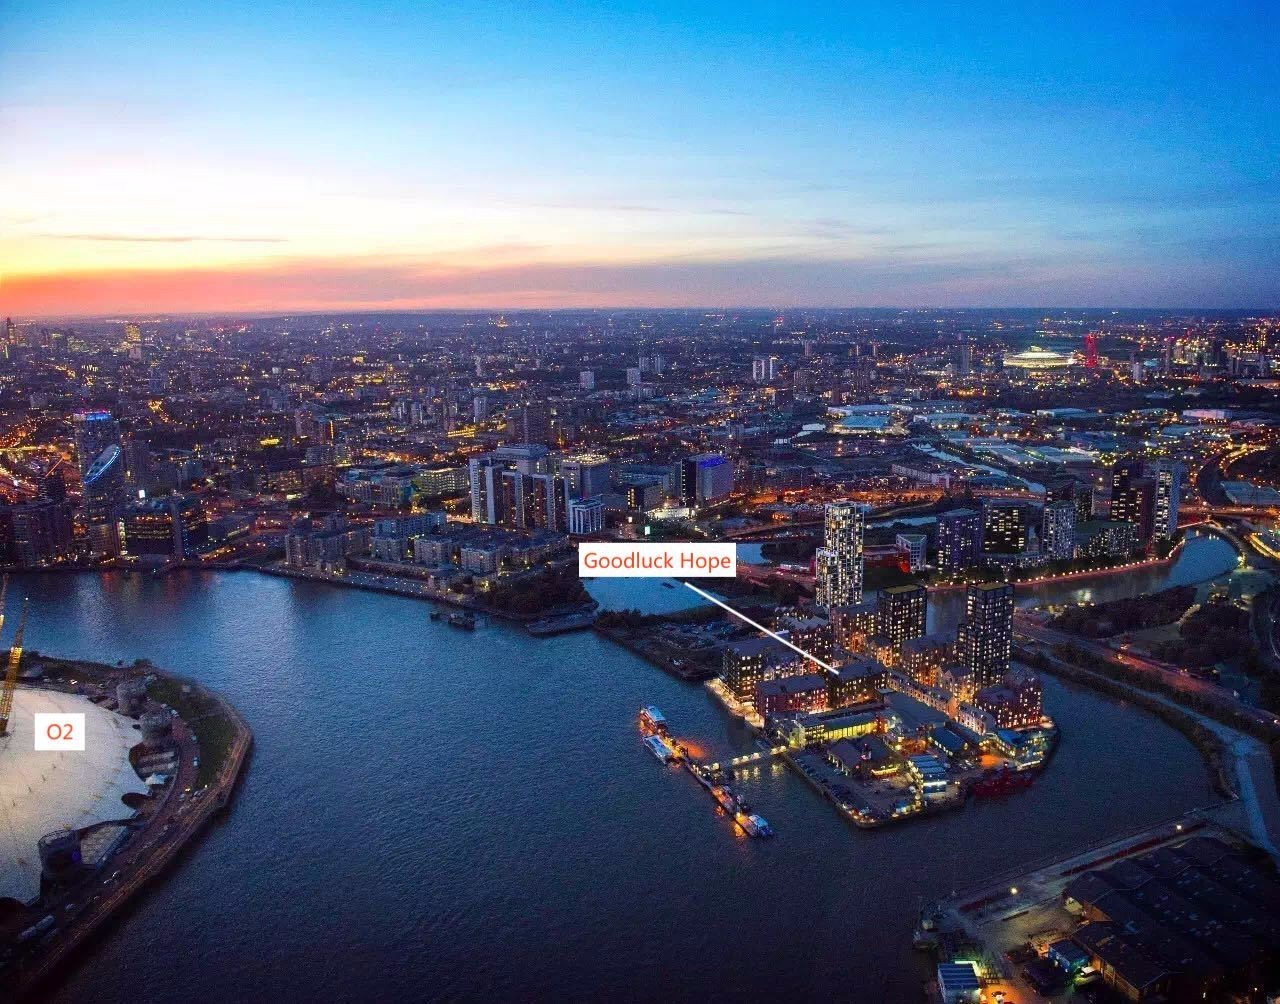 倫敦泰晤士河畔270° 濱水公寓丨首付僅¥17.8萬起插图1